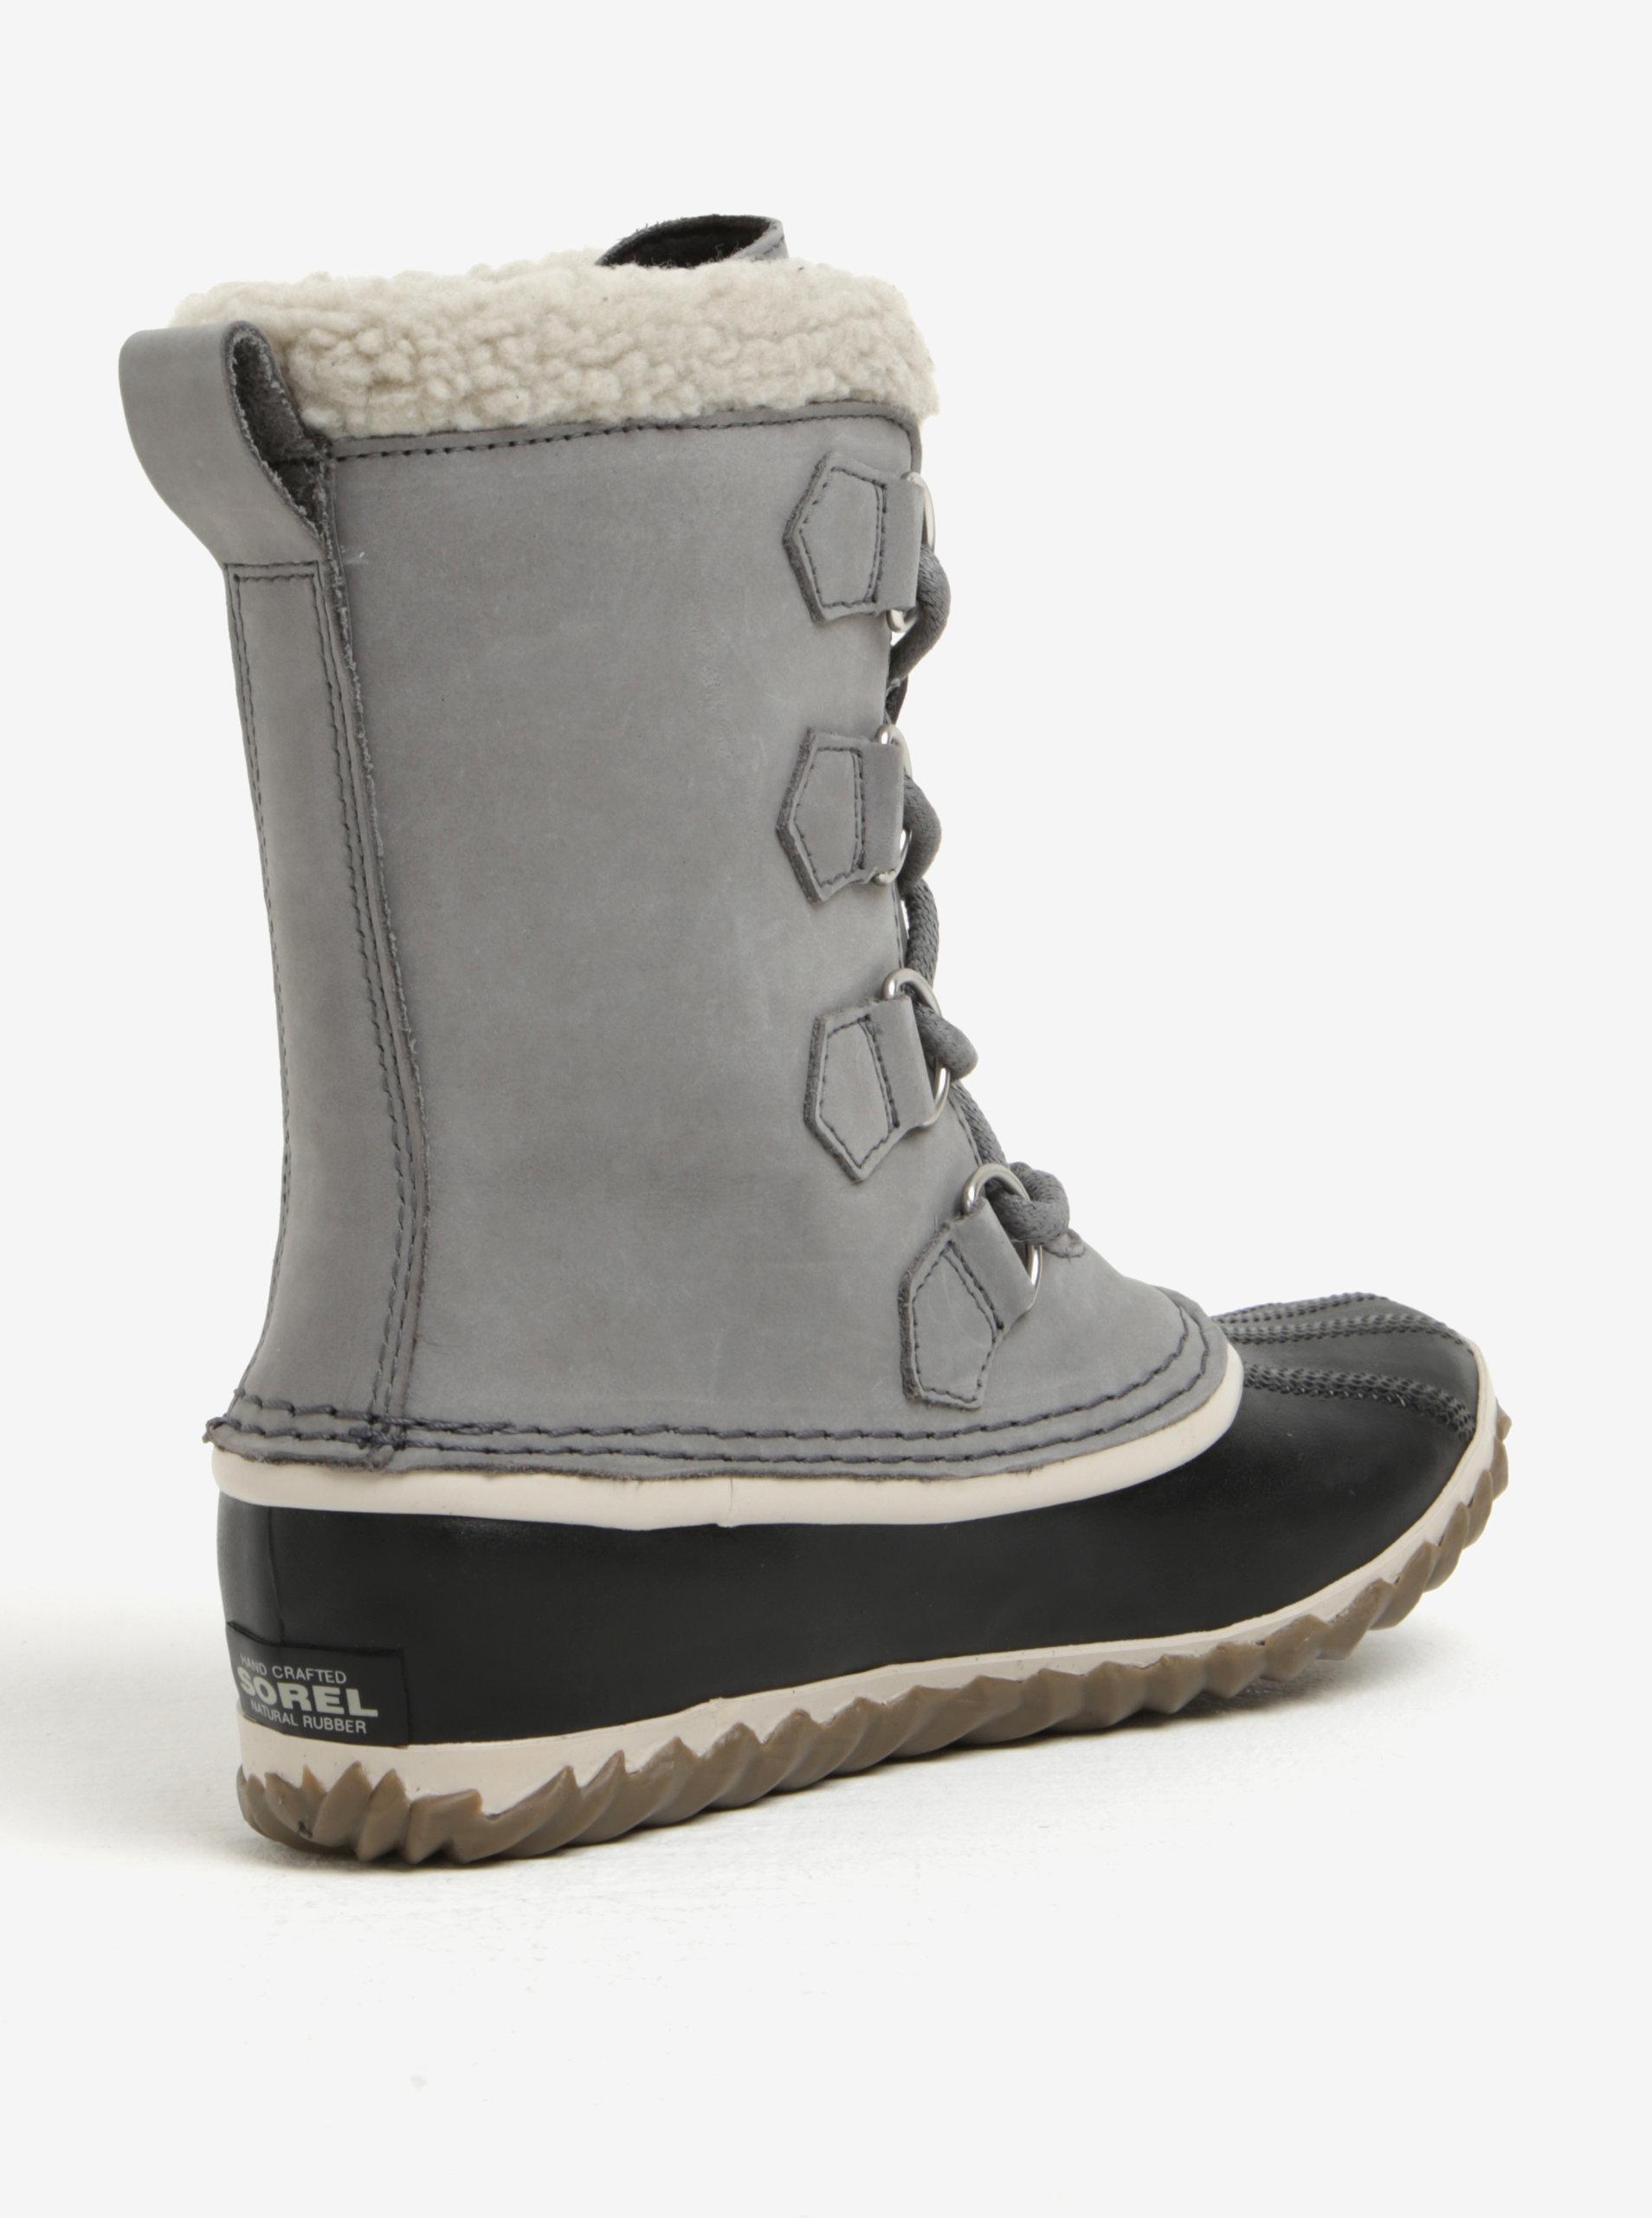 853f8593d81 Šedé dámské kožené voděodolné zimní boty s umělým kožíškem SOREL ...